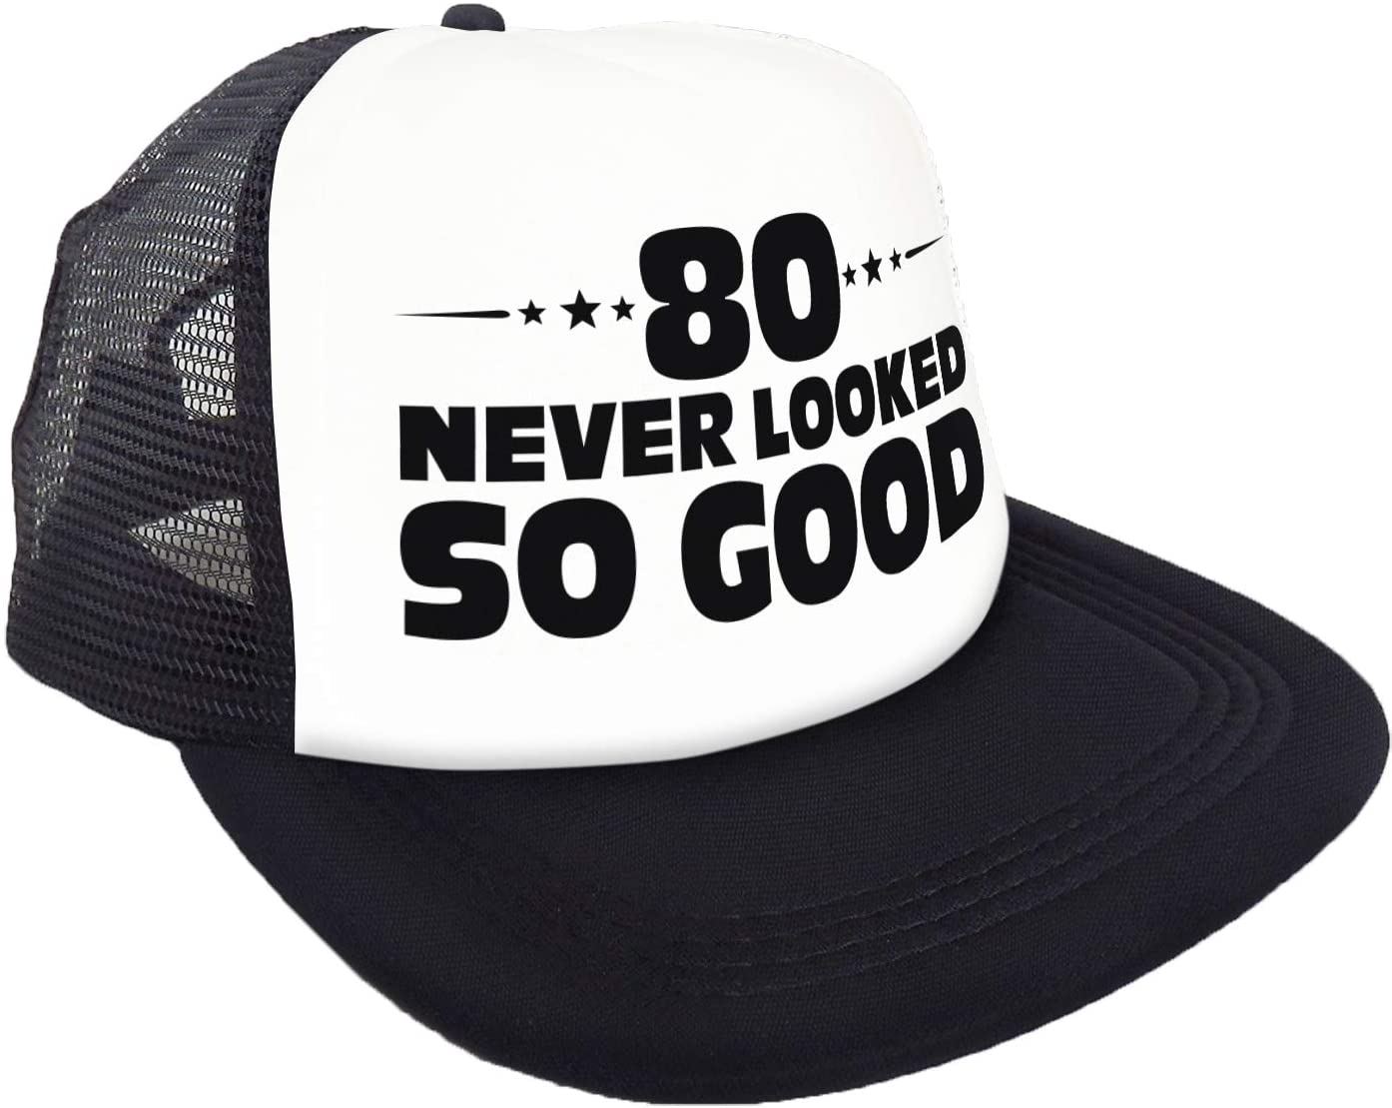 """Cappello /""""80 Never Looked So Good/"""" Compleanno Divertente Idee e Accessori per 80/° Compleanno Sterling James Co Decorazioni"""